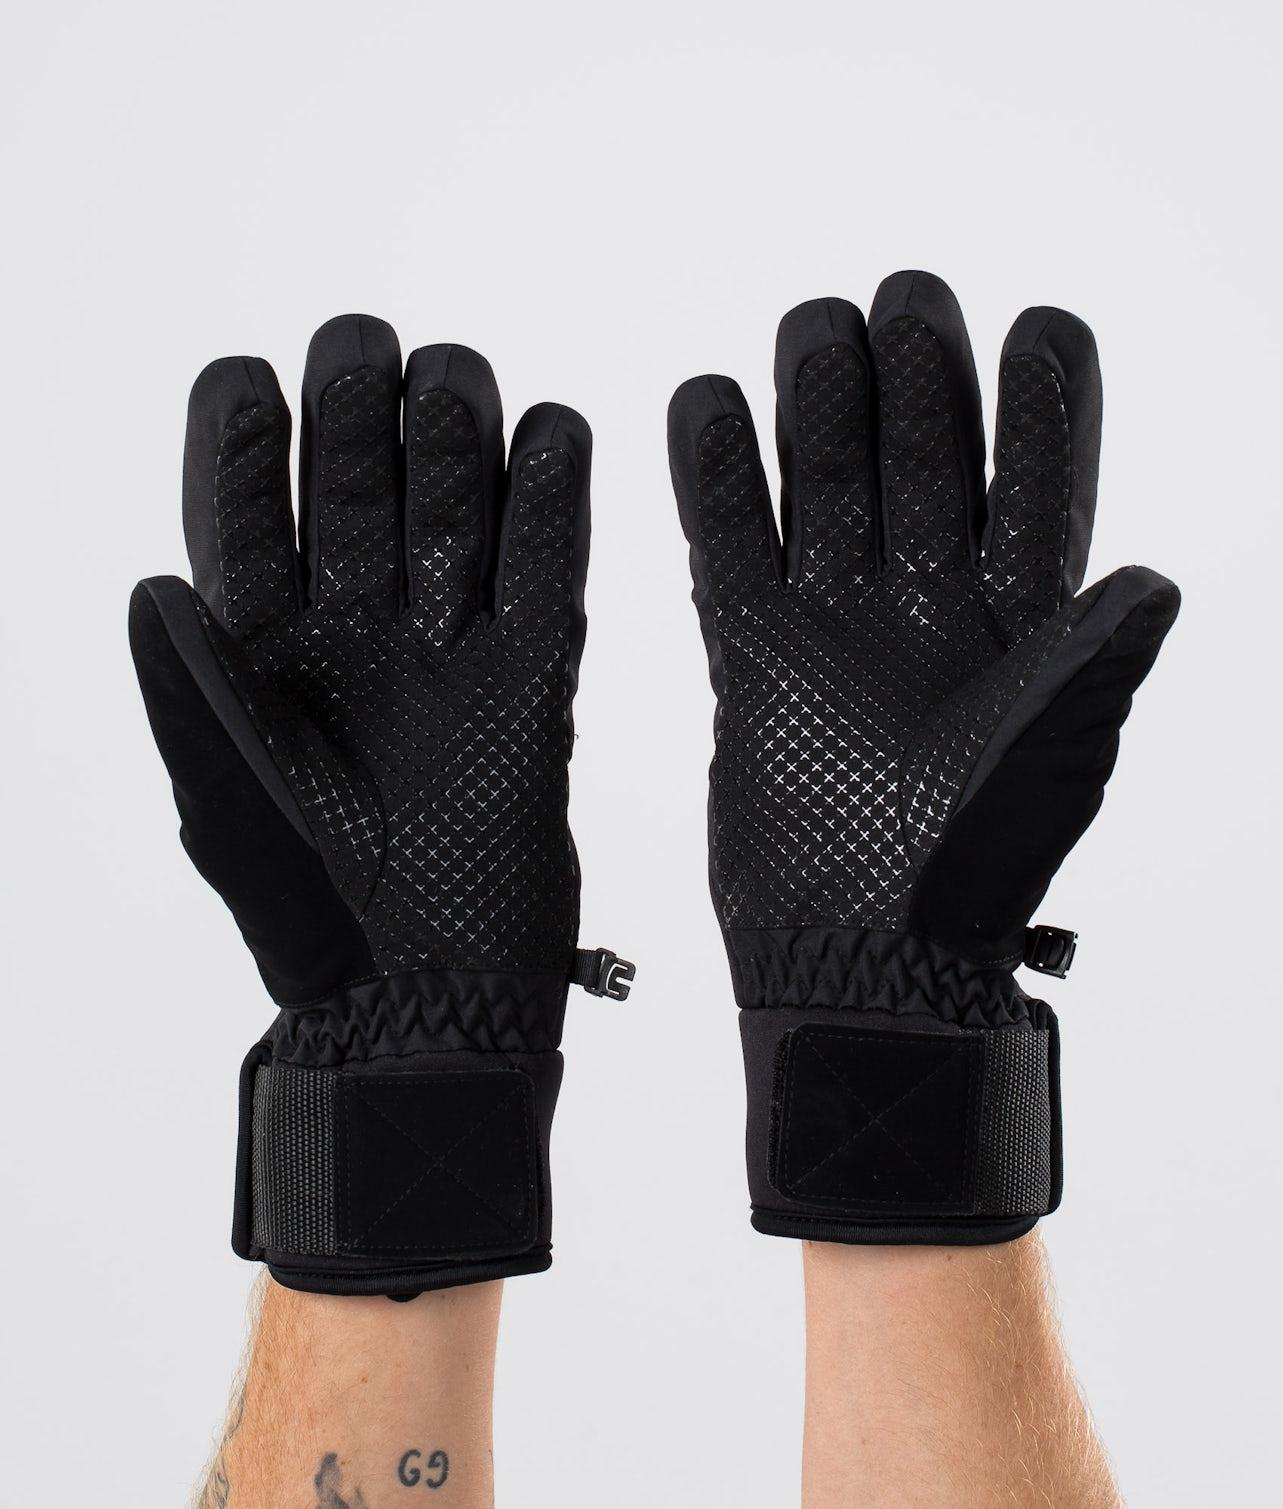 Kjøp Signet Glove Skihansker fra Dope på Ridestore.no - Hos oss har du alltid fri frakt, fri retur og 30 dagers åpent kjøp!